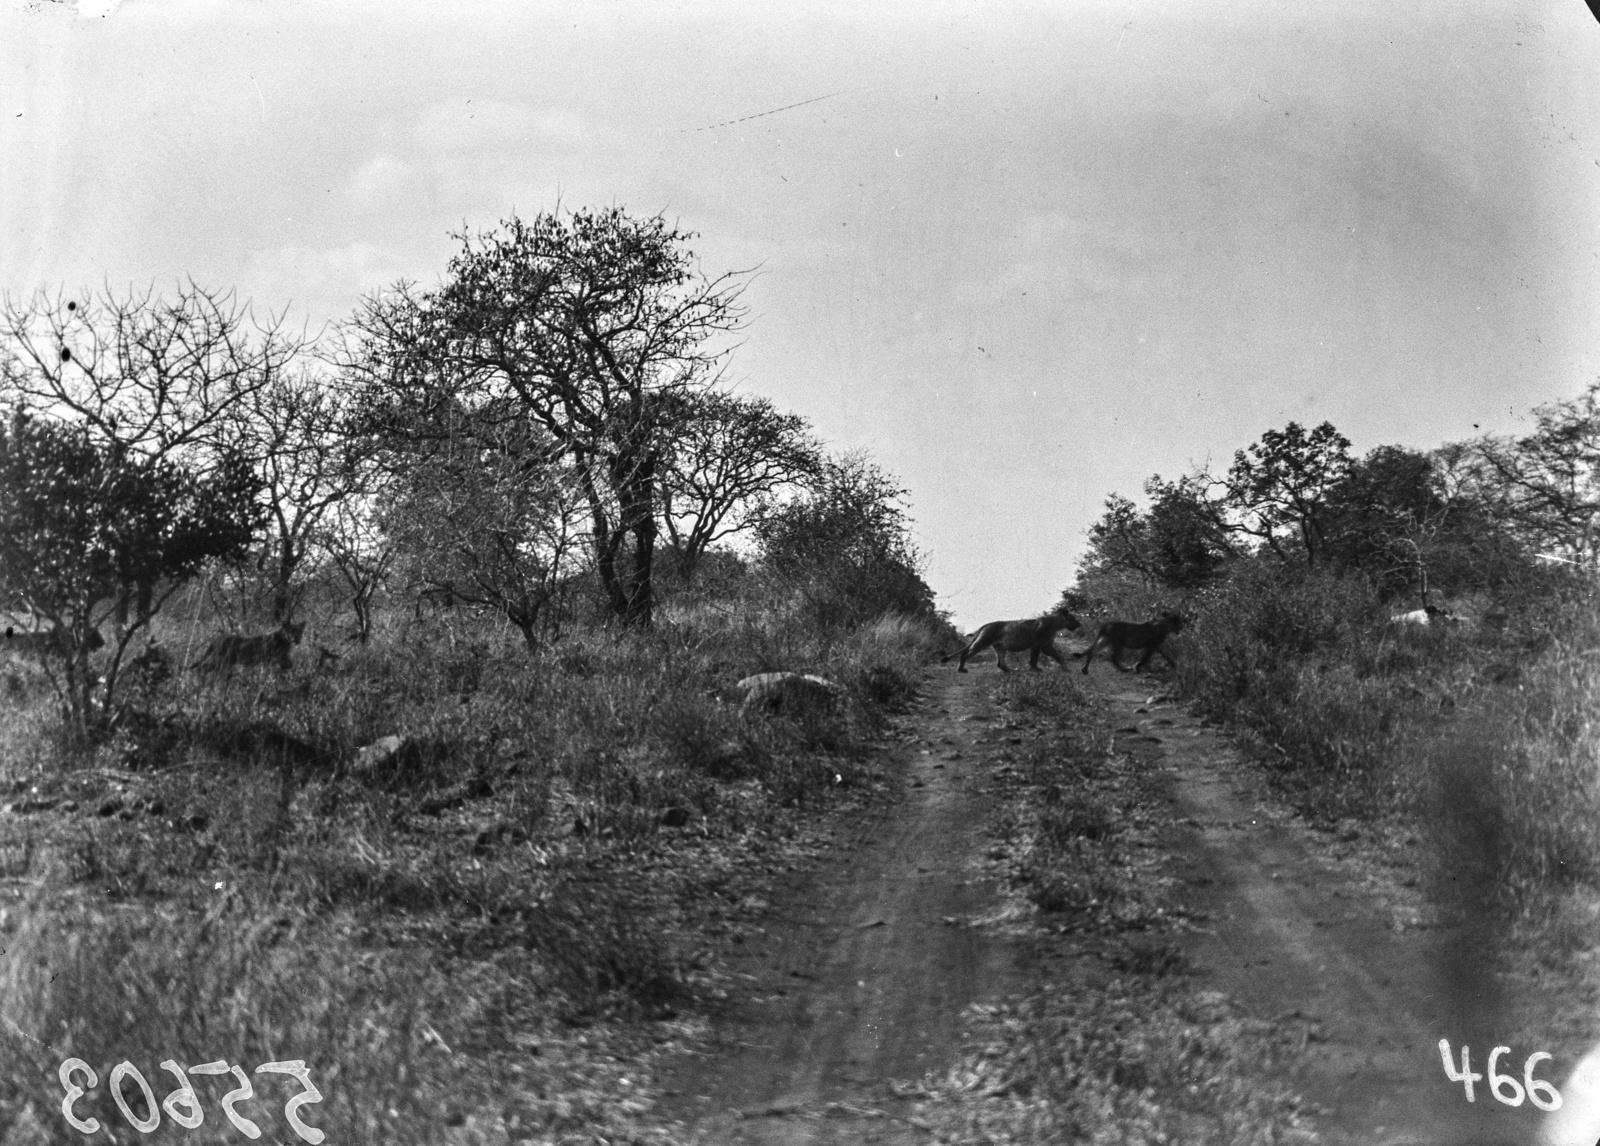 Нижняя Саби. Львы переходят дорогу